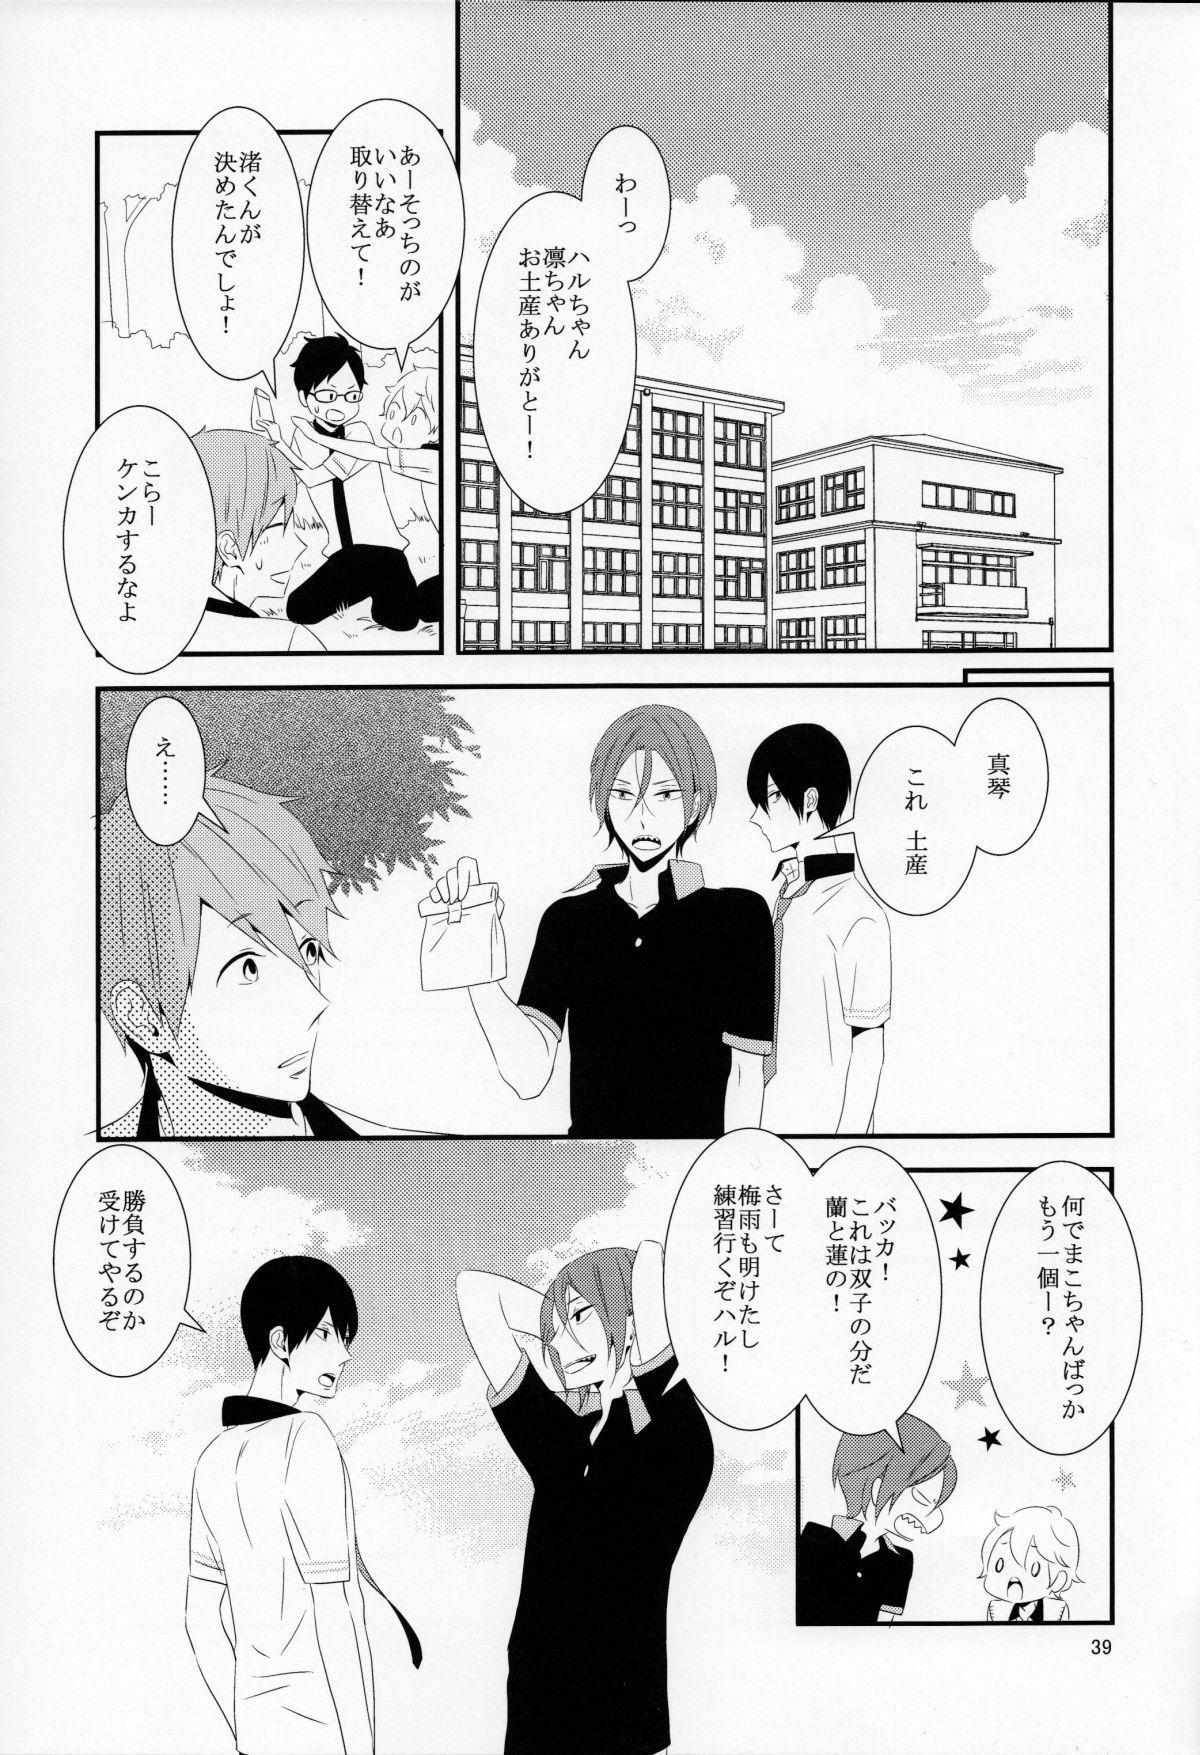 Sayonara, Bokura no Hatsukoi 38